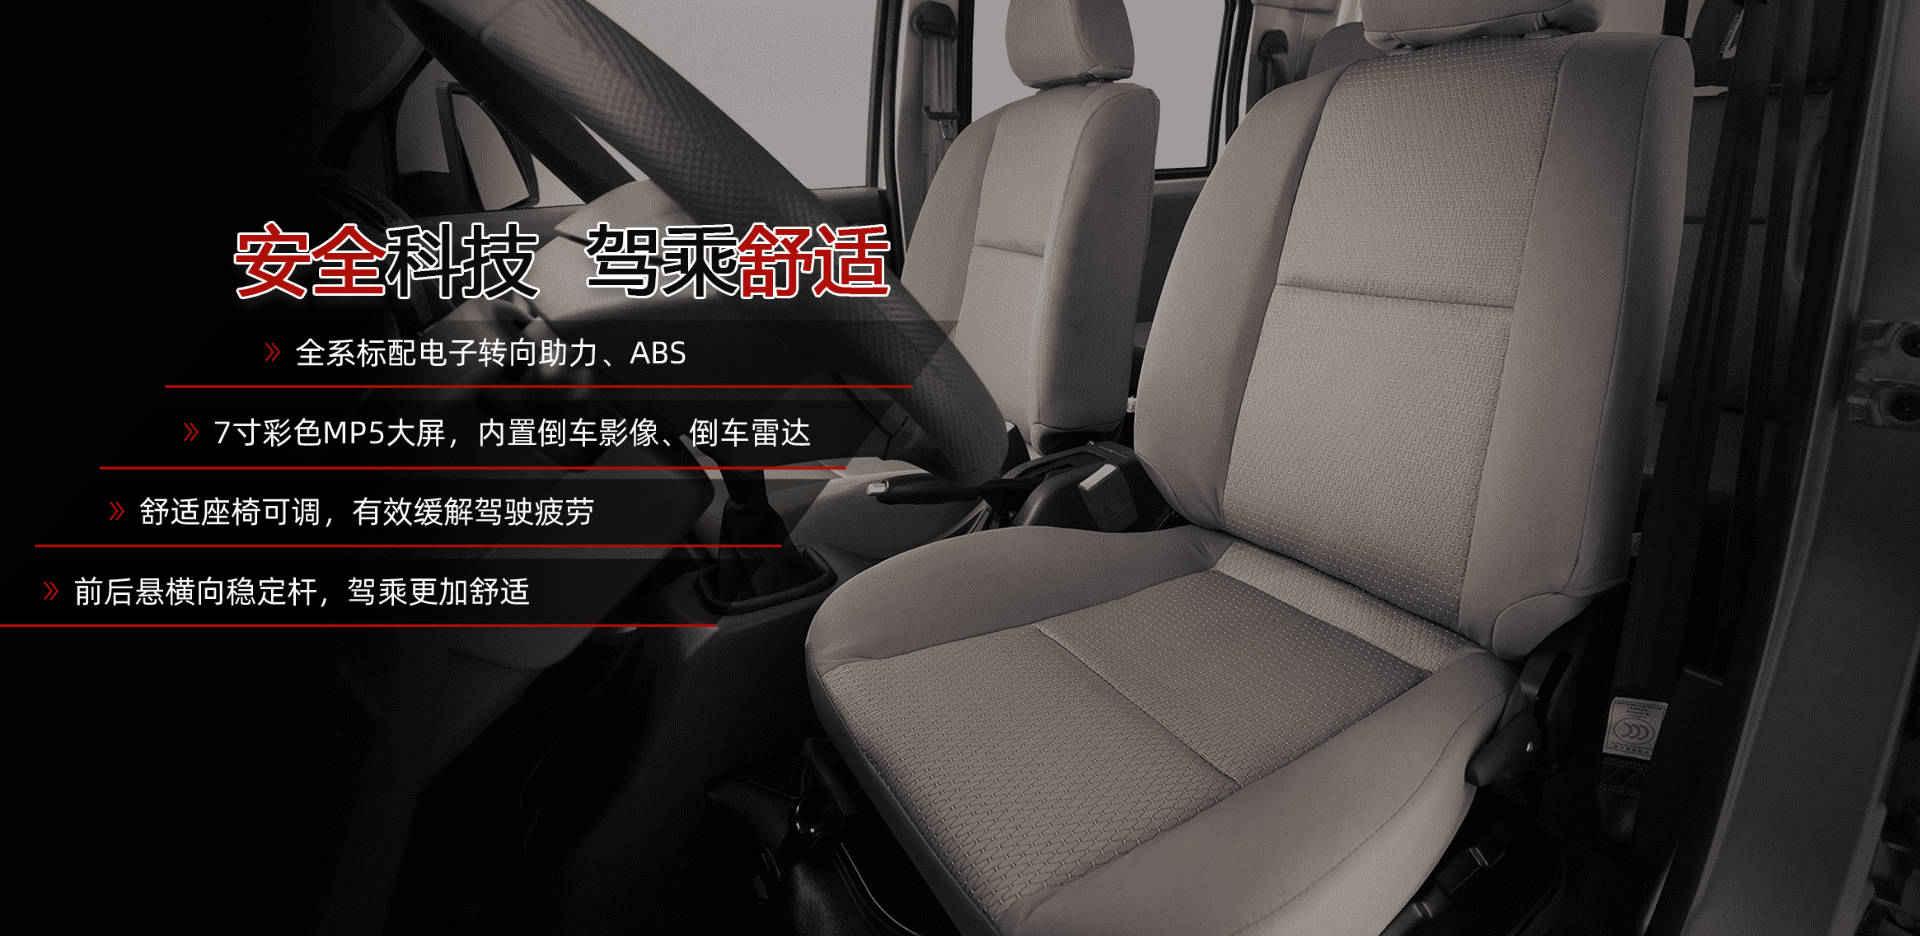 迪庆绿※色城市配送车怎么样,新能源绿色配送车多少钱